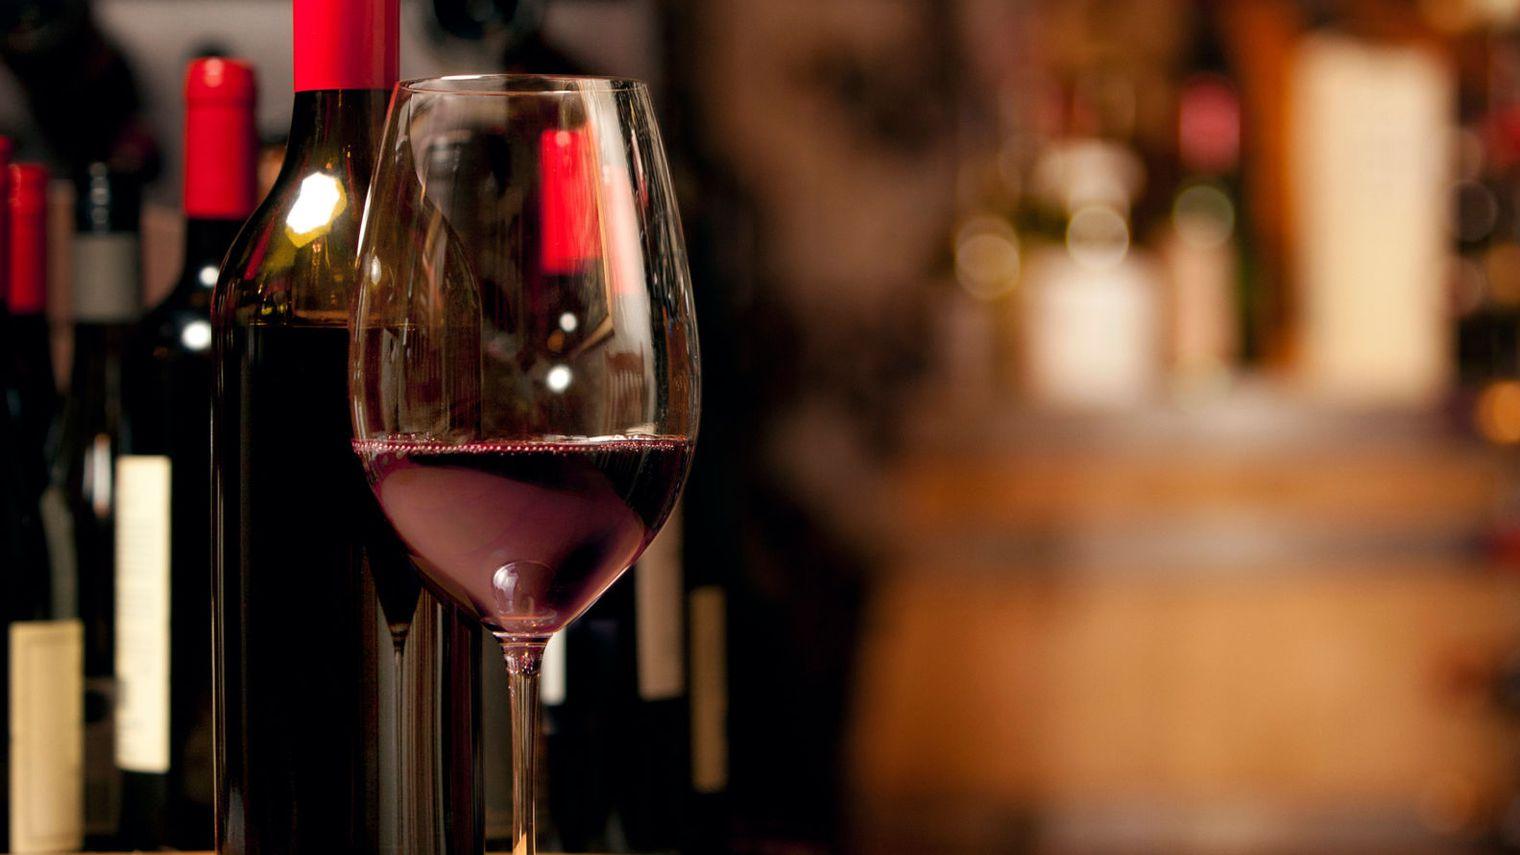 La conservation du vin : il faut absolument avoir une cave